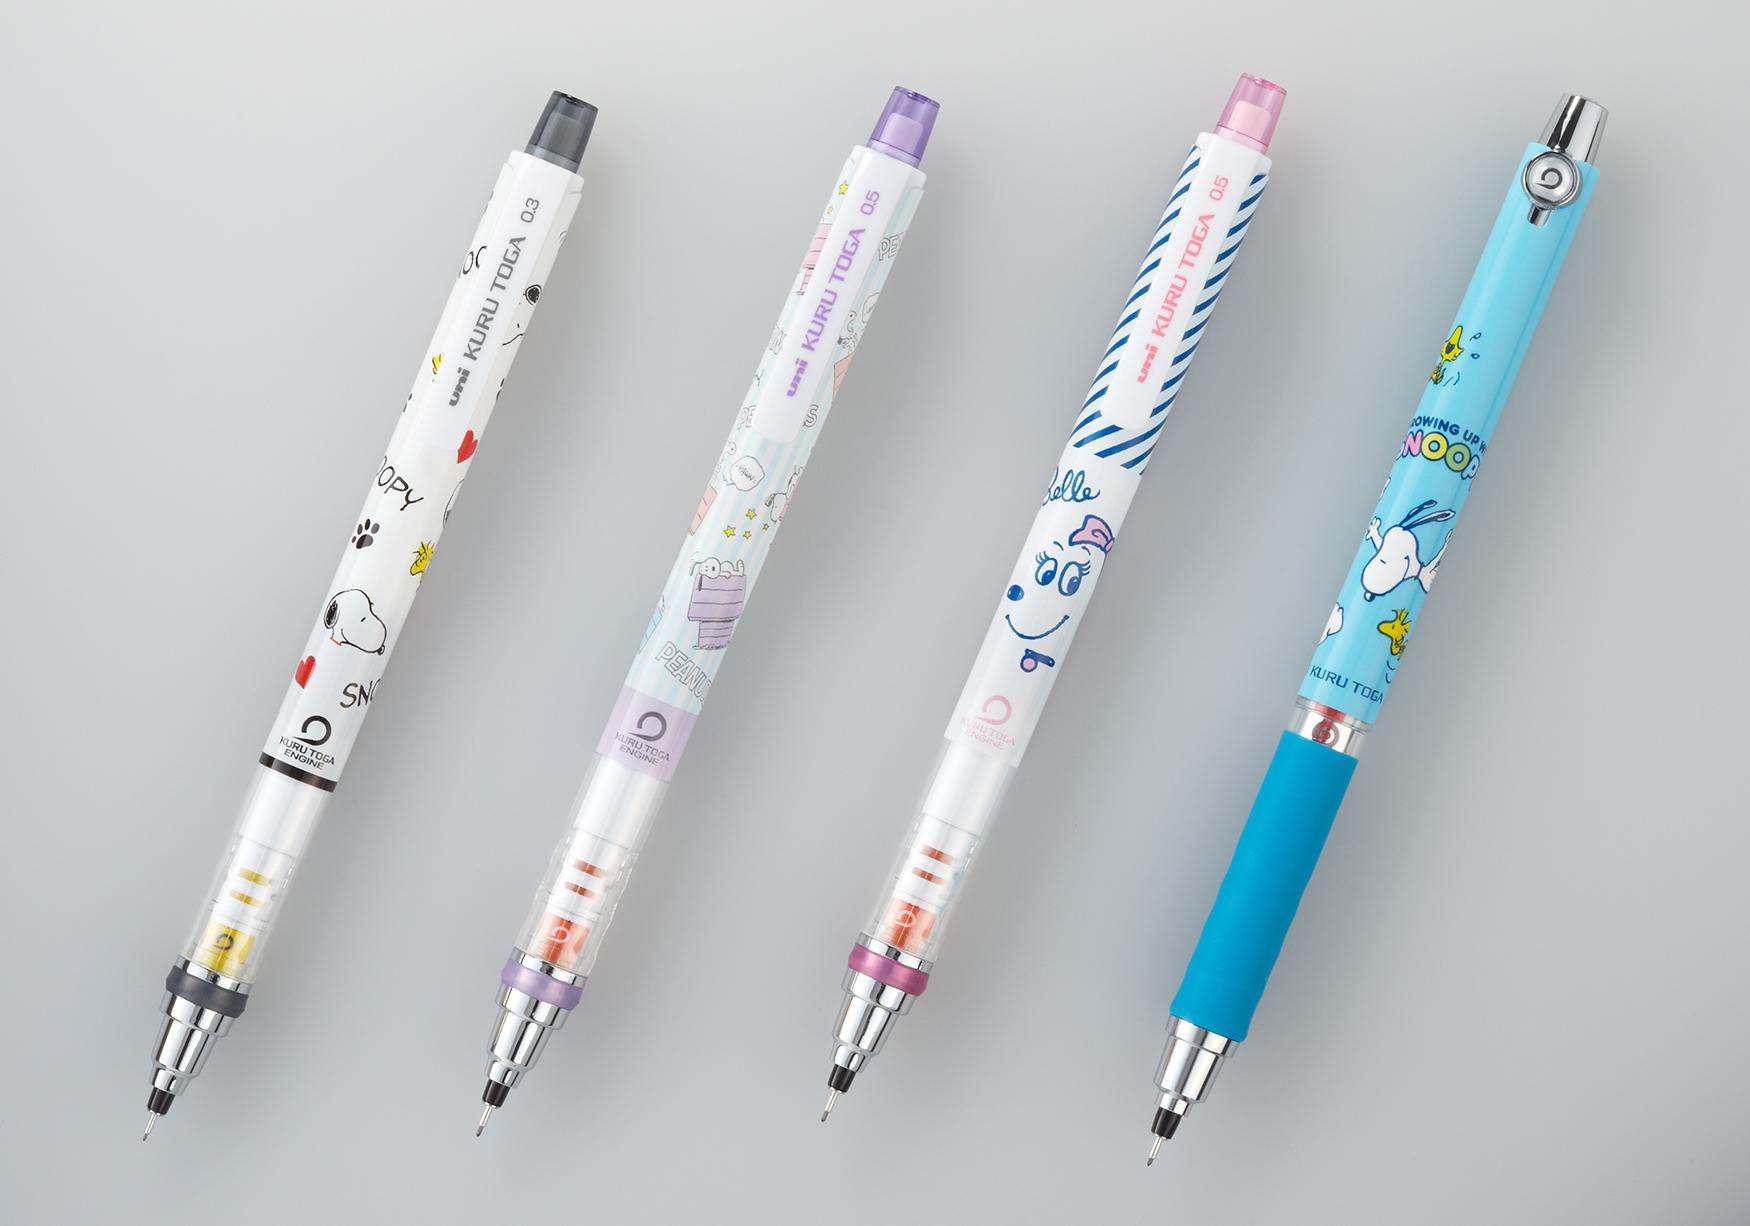 クルトガ スヌーピー2016年プレスリリース三菱鉛筆株式会社